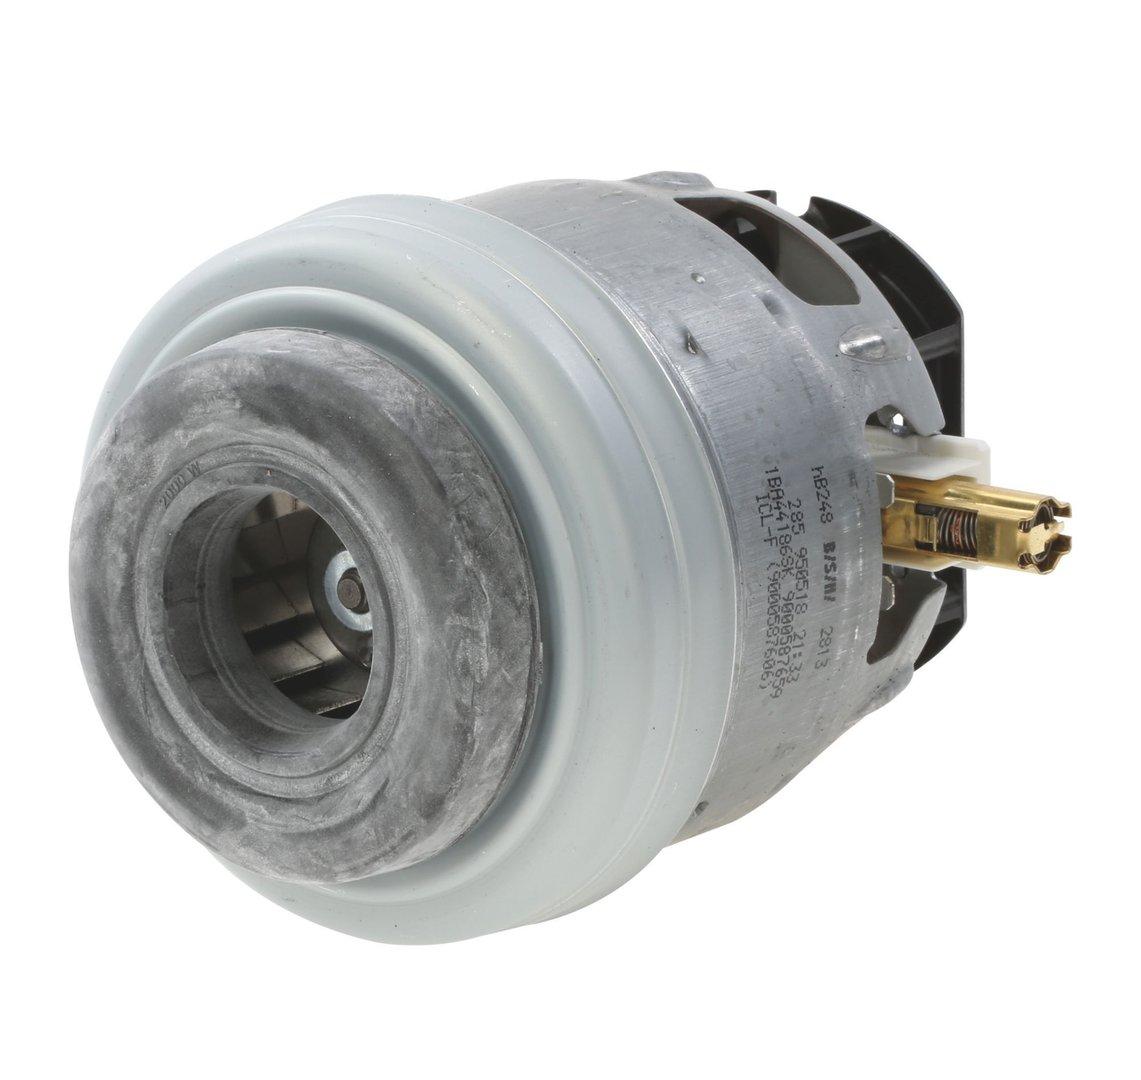 Bosch Siemens Synchropower Staubsauger Motor Gebläse 006541